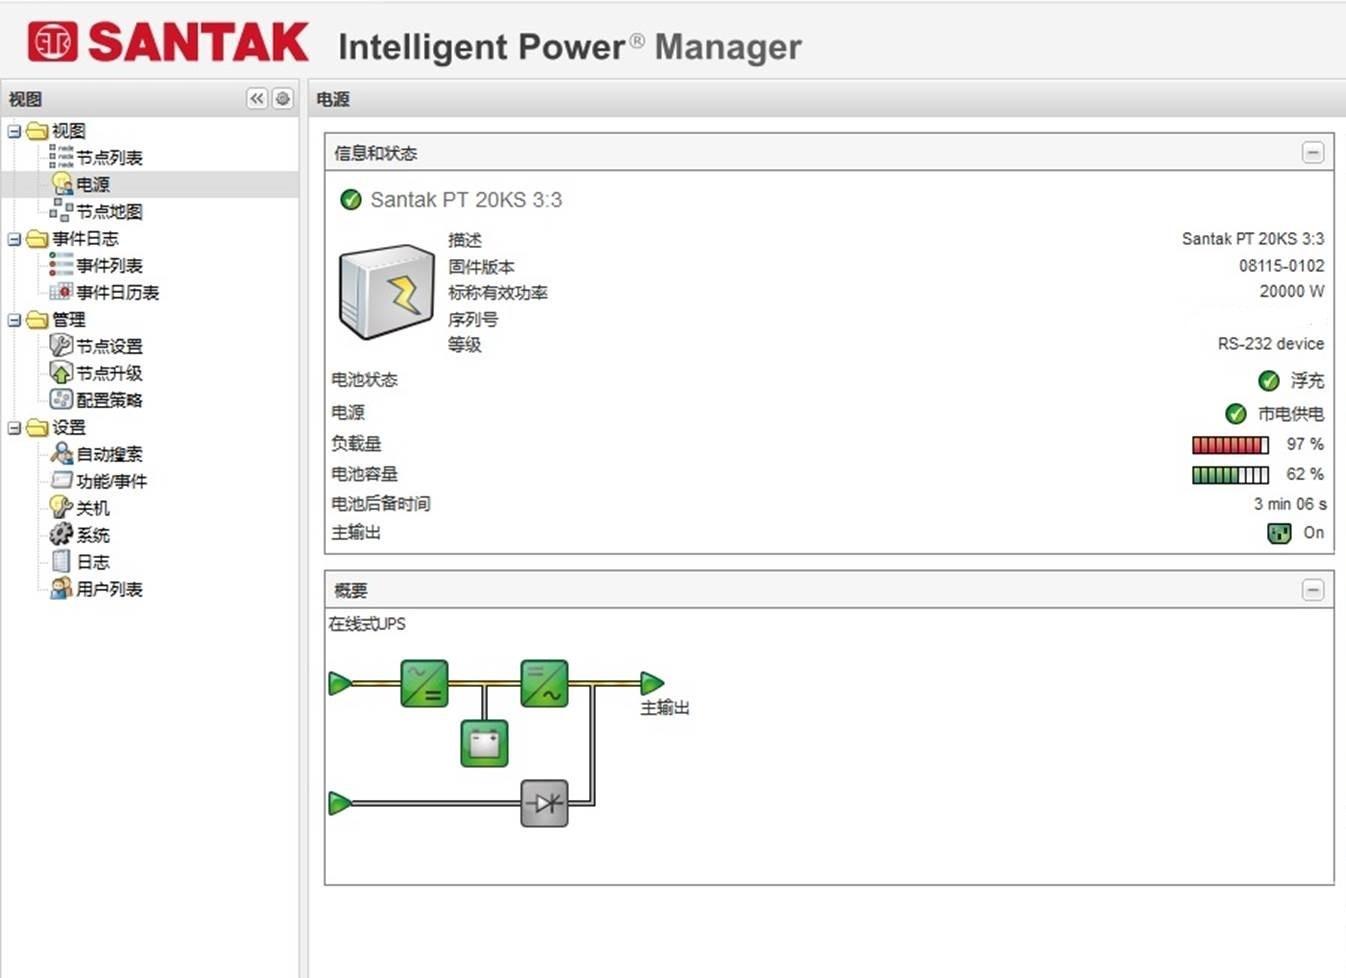 山特IPM智能电源管理软件